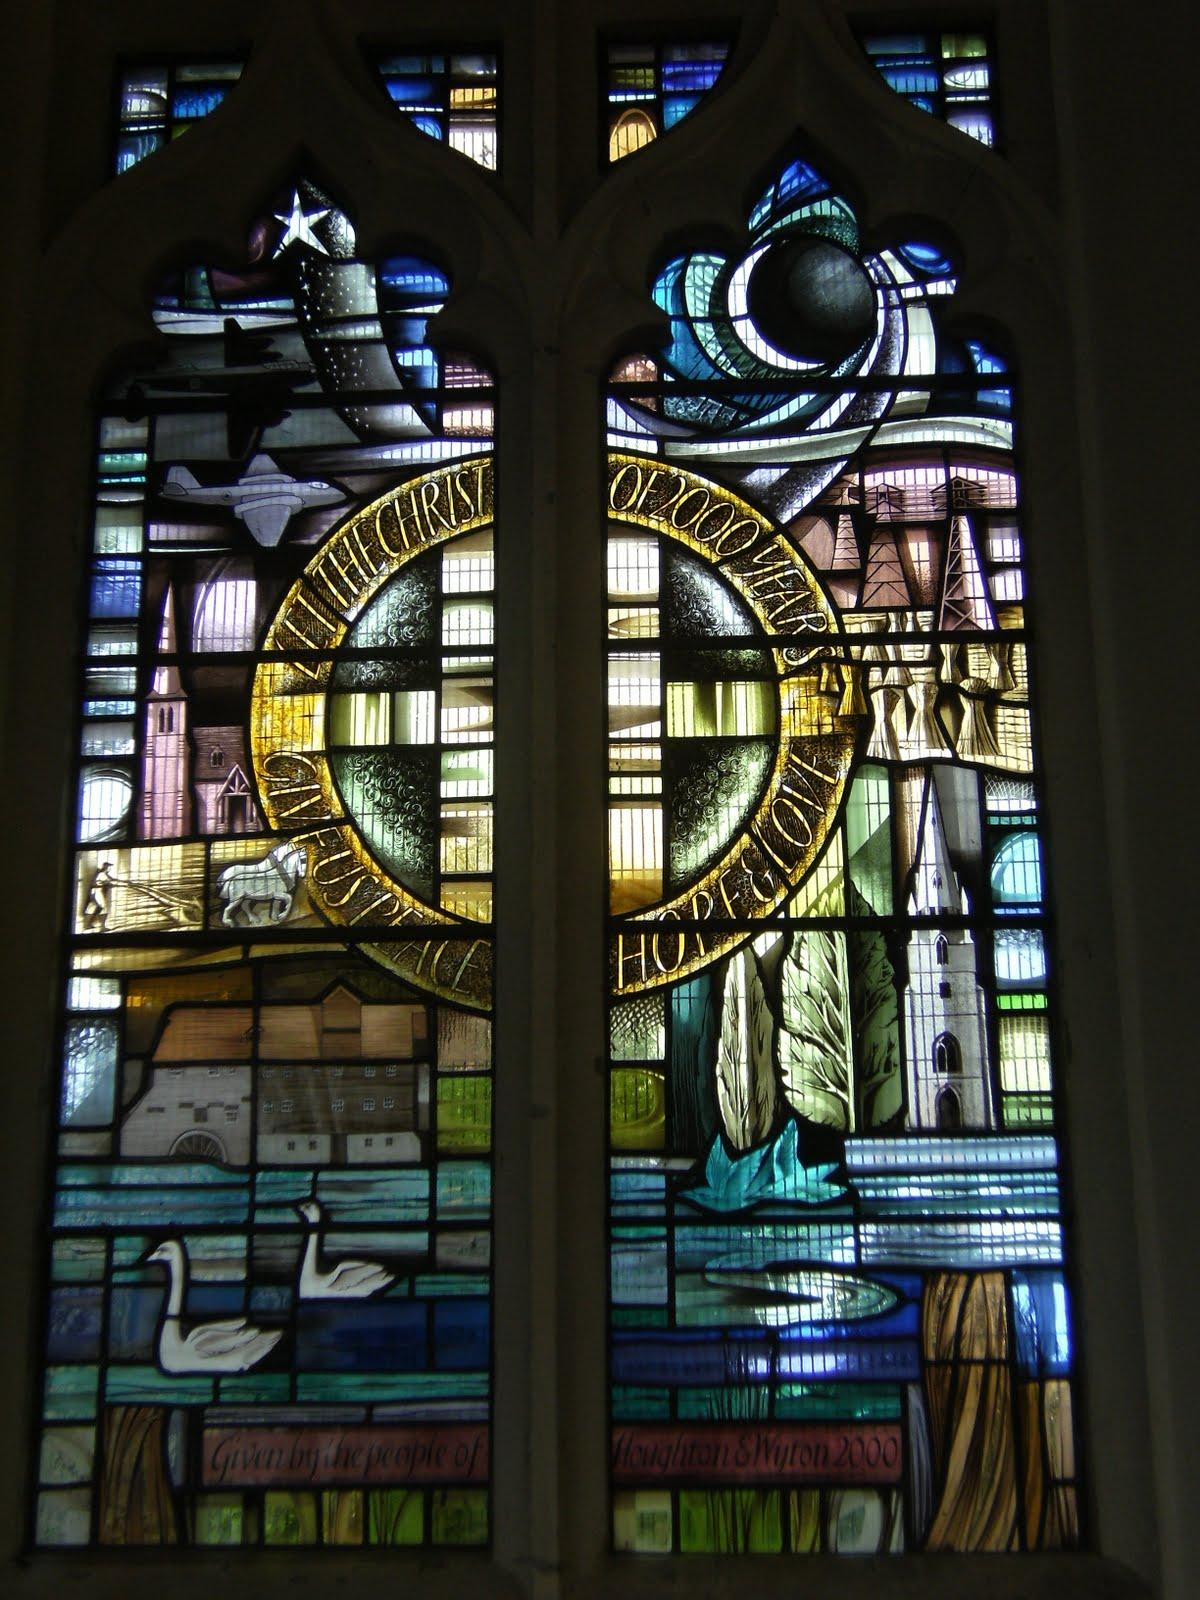 DSCF9466 Millennium window, Houghton church